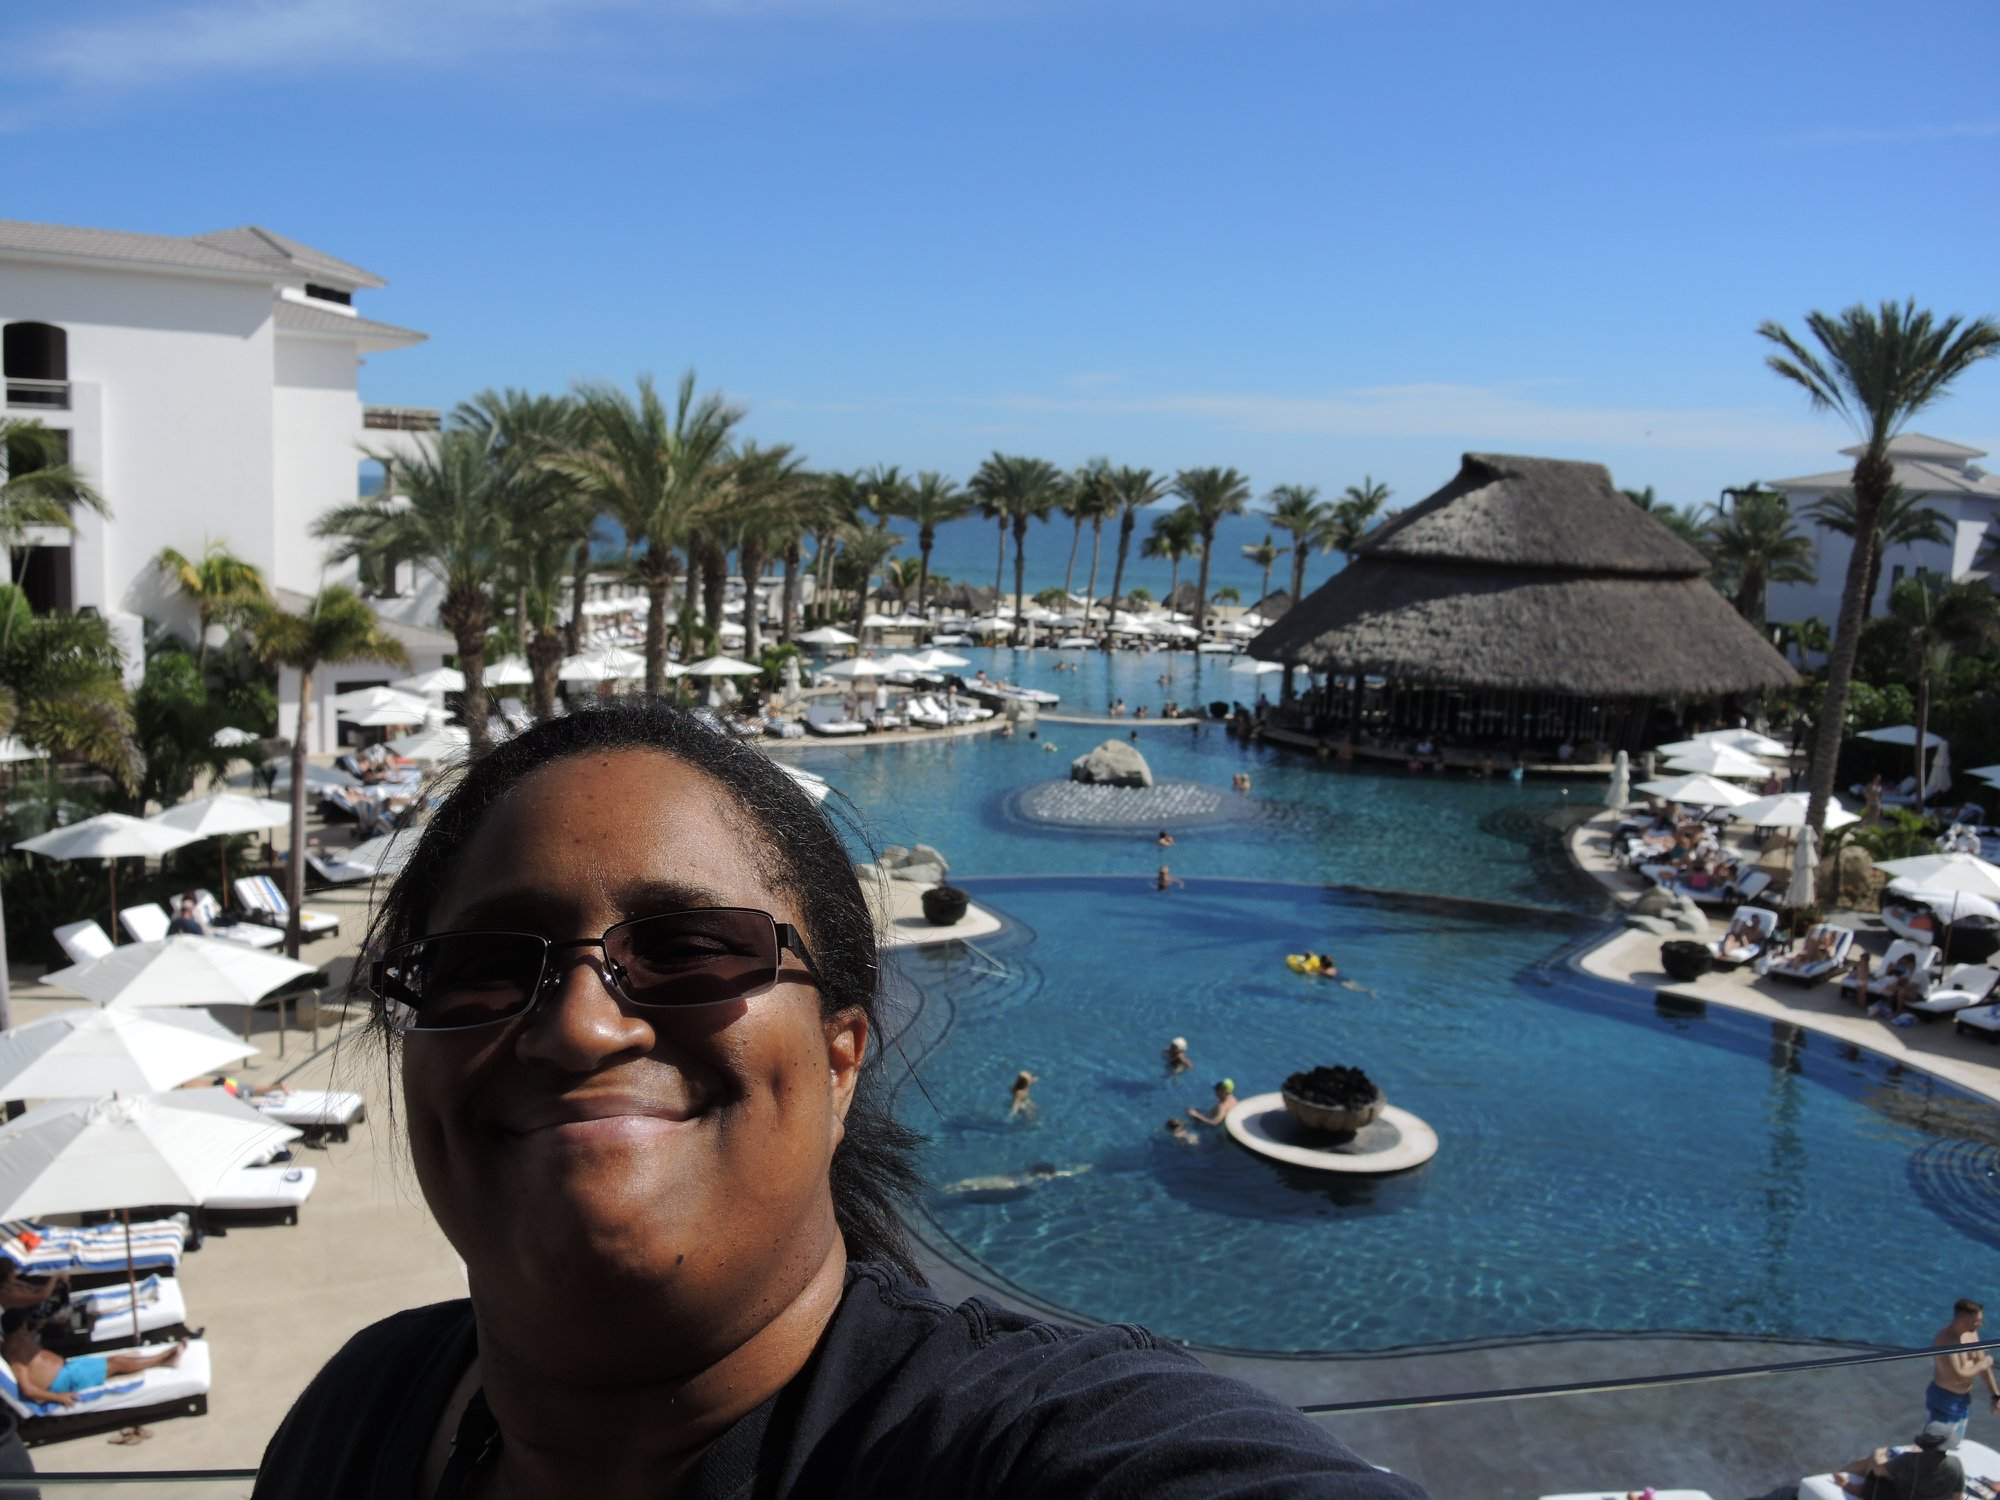 Me at Cabo Azul, San Jose Del Cabo